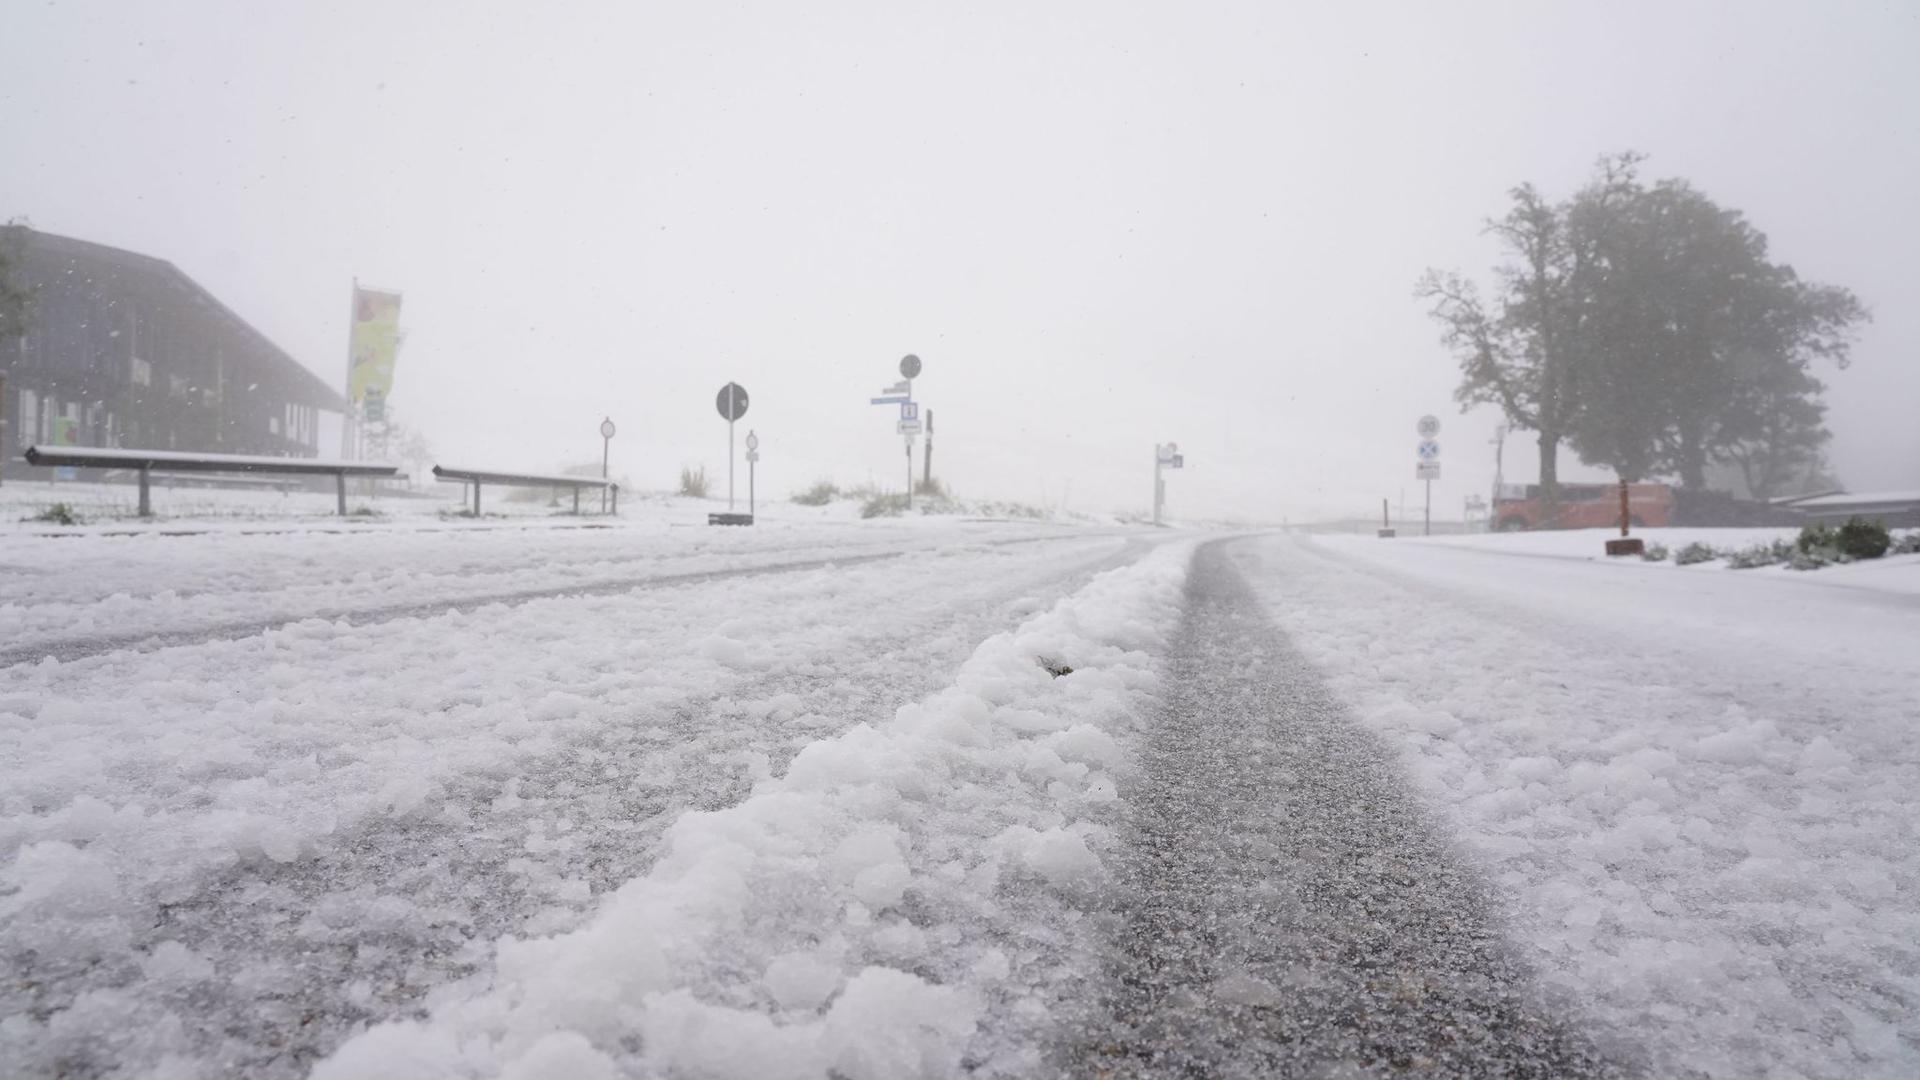 Erster Schnee liegt auf einer Straße am Feldberg im Schwarzwald.